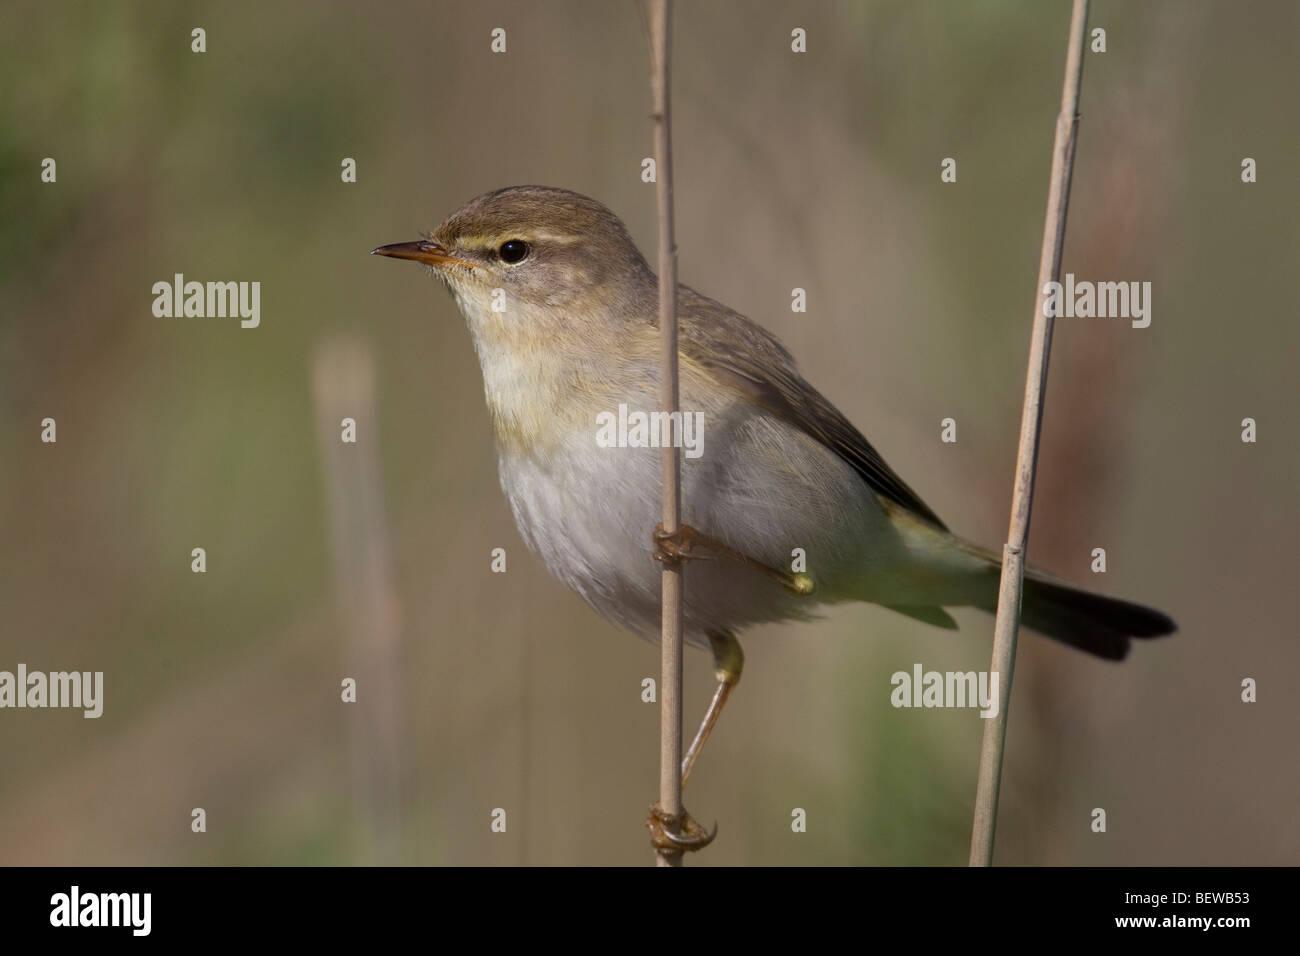 willow warbler, (Phylloscopus trochilus), Ganzansicht - Stock Image